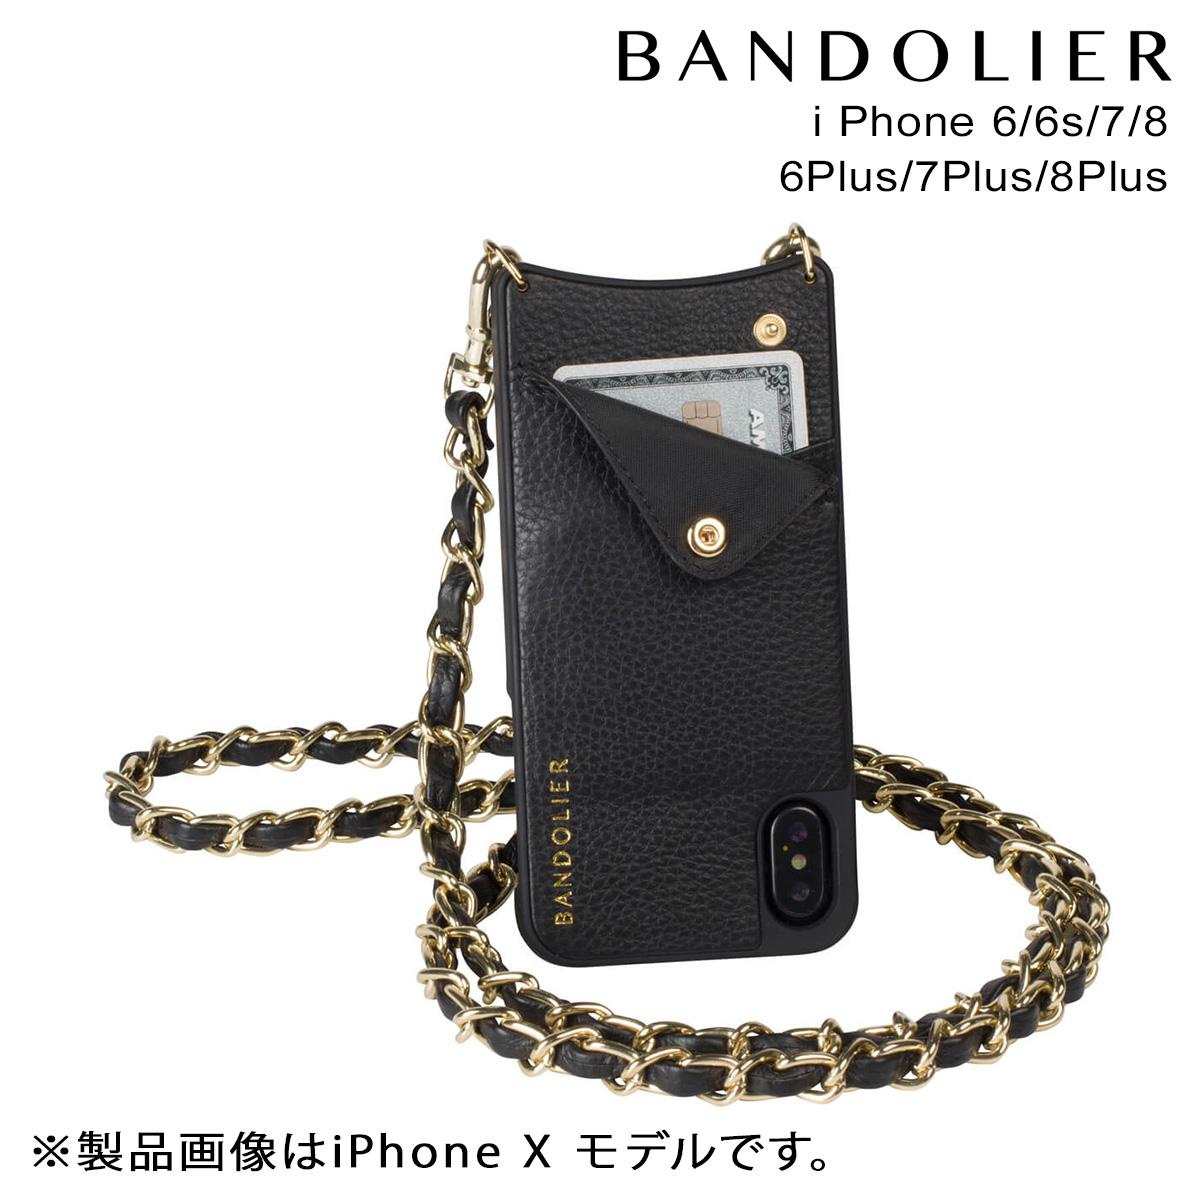 バンドリヤー BANDOLIER iPhone8 iPhone7 7Plus 6s ケース スマホ アイフォン プラス LUCY GOLD メンズ レディース [9/14 新入荷]